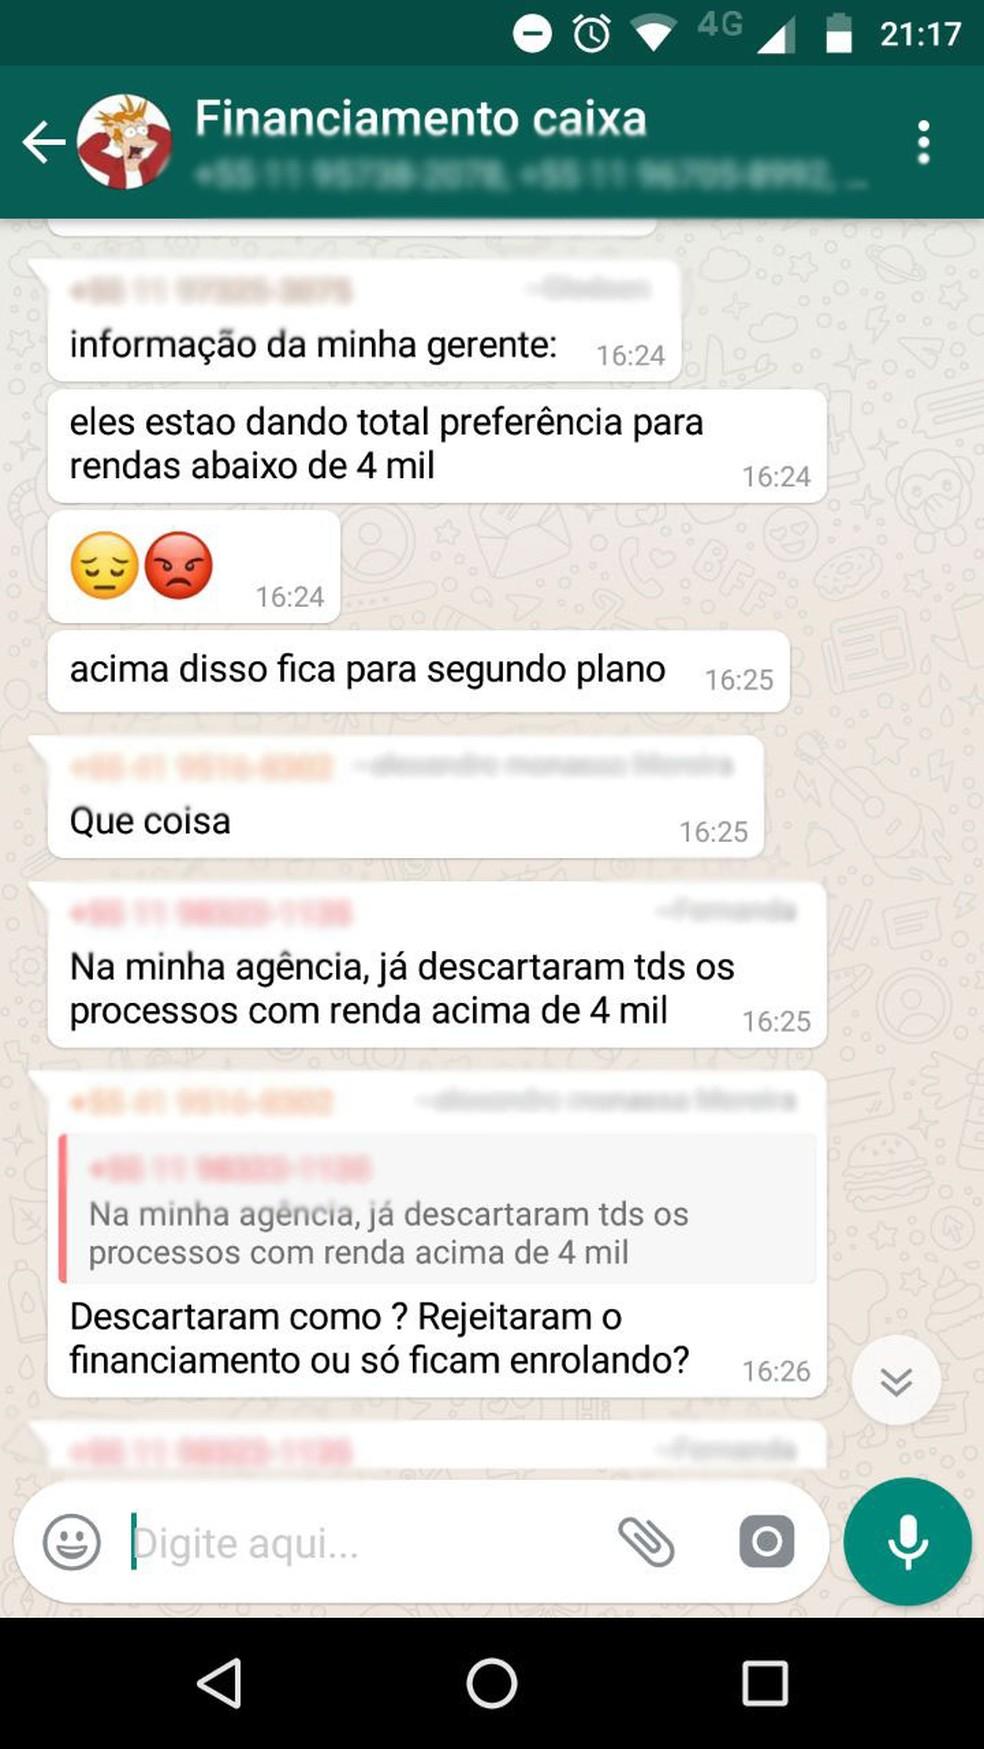 Grupo de Whatsapp reúne pessoas com queixas sobre financiamento da Caixa (Foto: Reprodução)